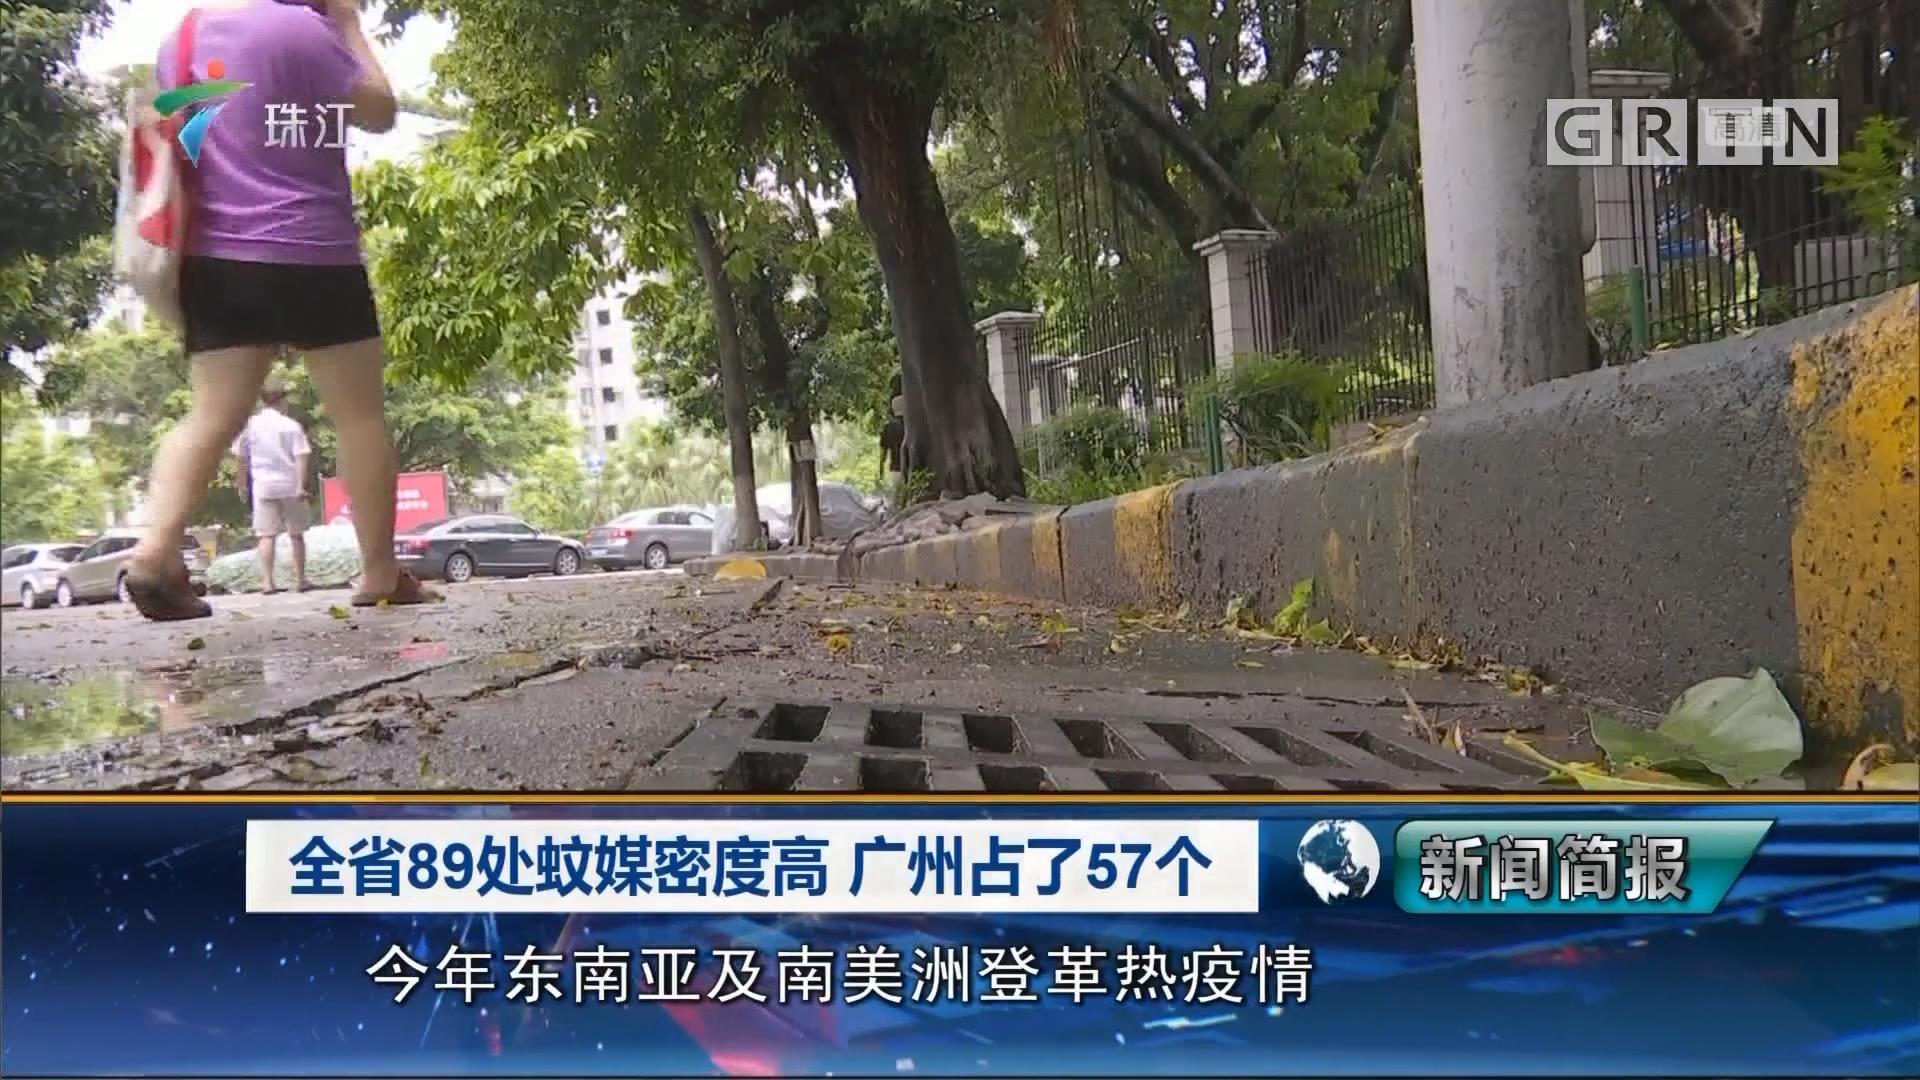 全省89处蚊媒密度高 广州占了57个